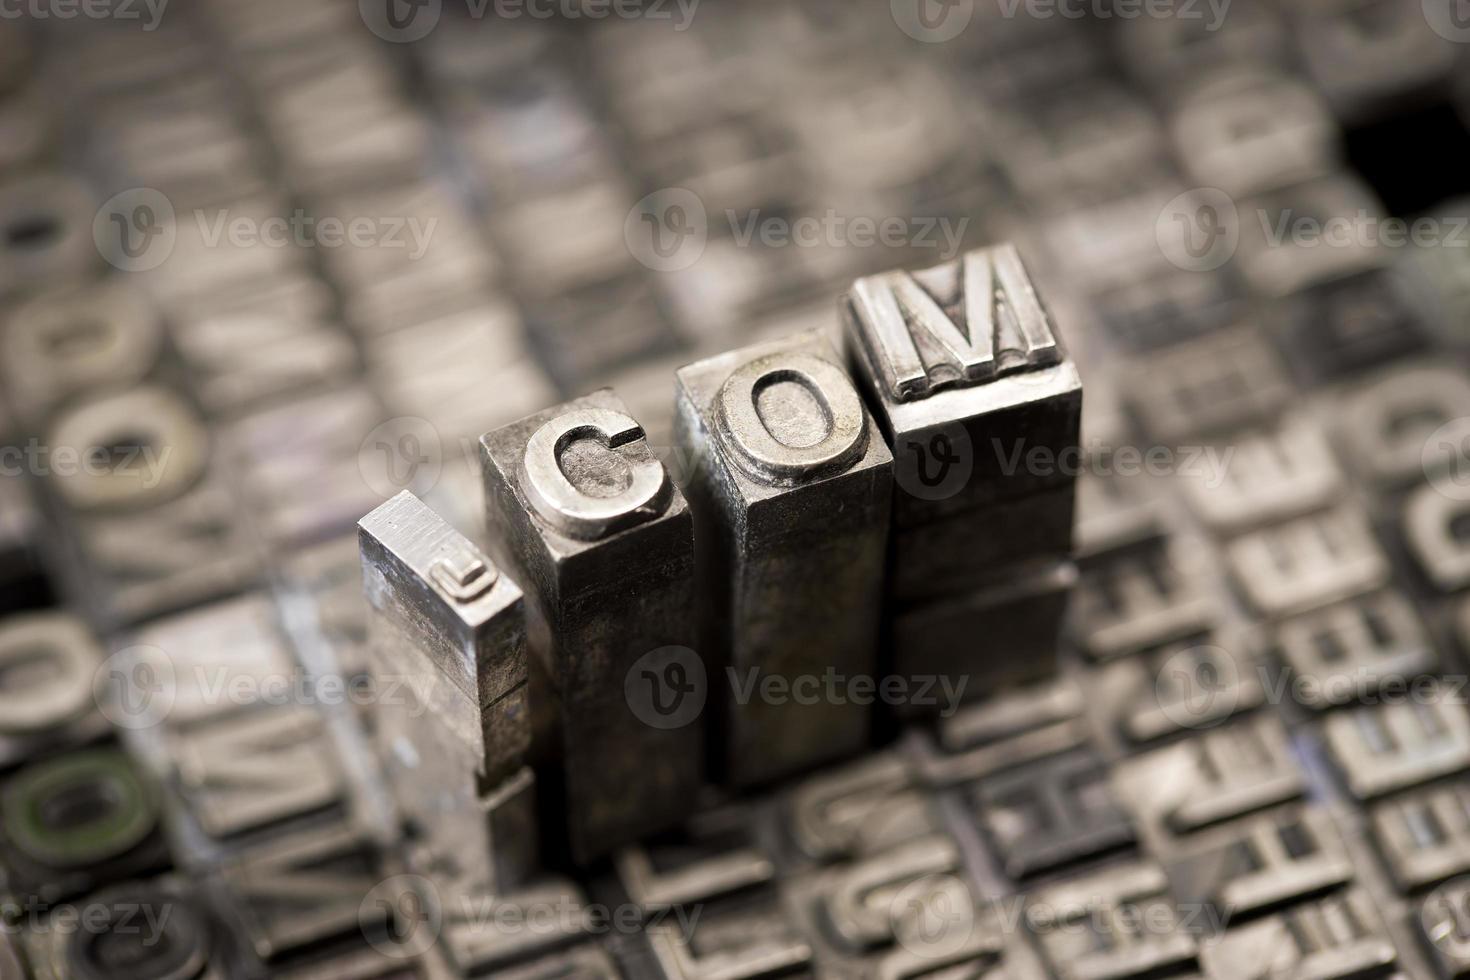 Internet www website by letterpress photo